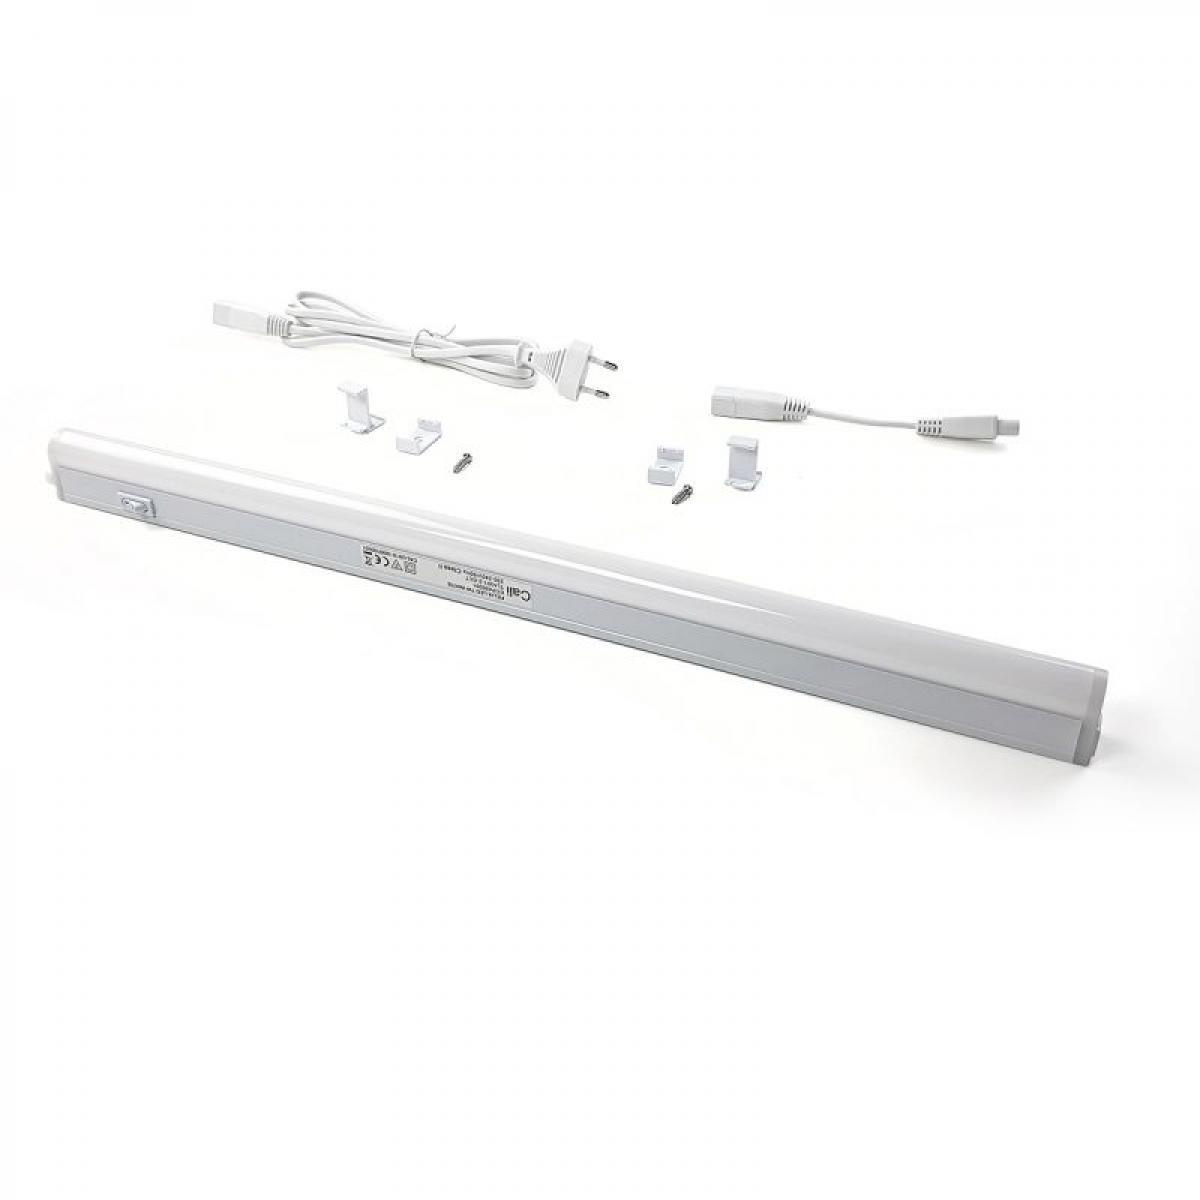 Paris Prix Réglette LED pour Séjour Felix 51cm Blanc